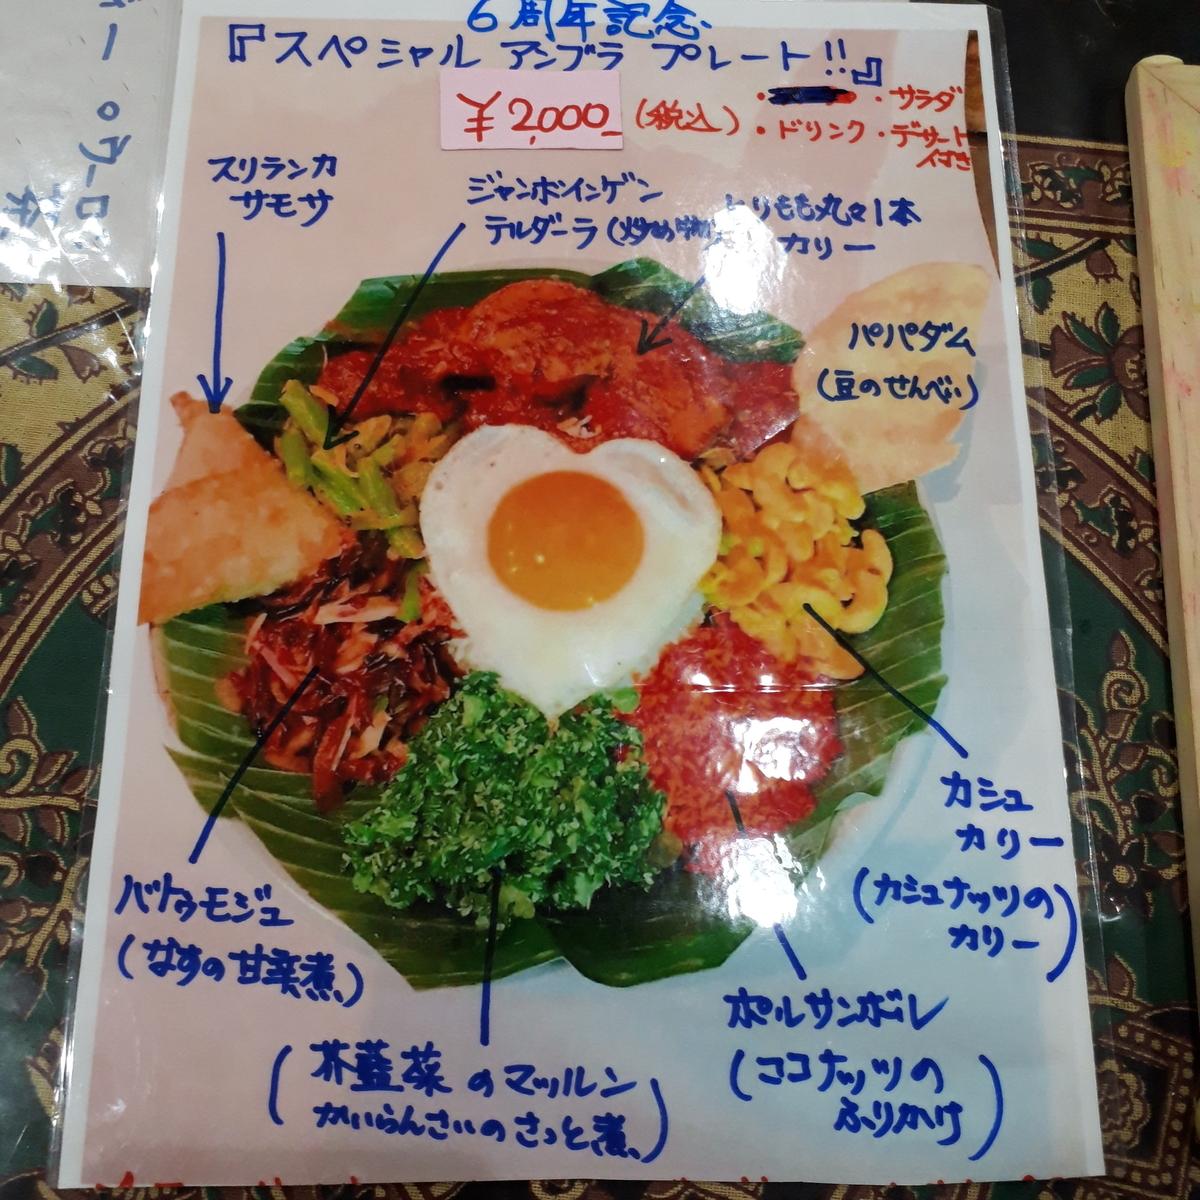 セイロンカリー 2019年6月22日 6周年記念スペシャルアンブラプレート 副菜の説明